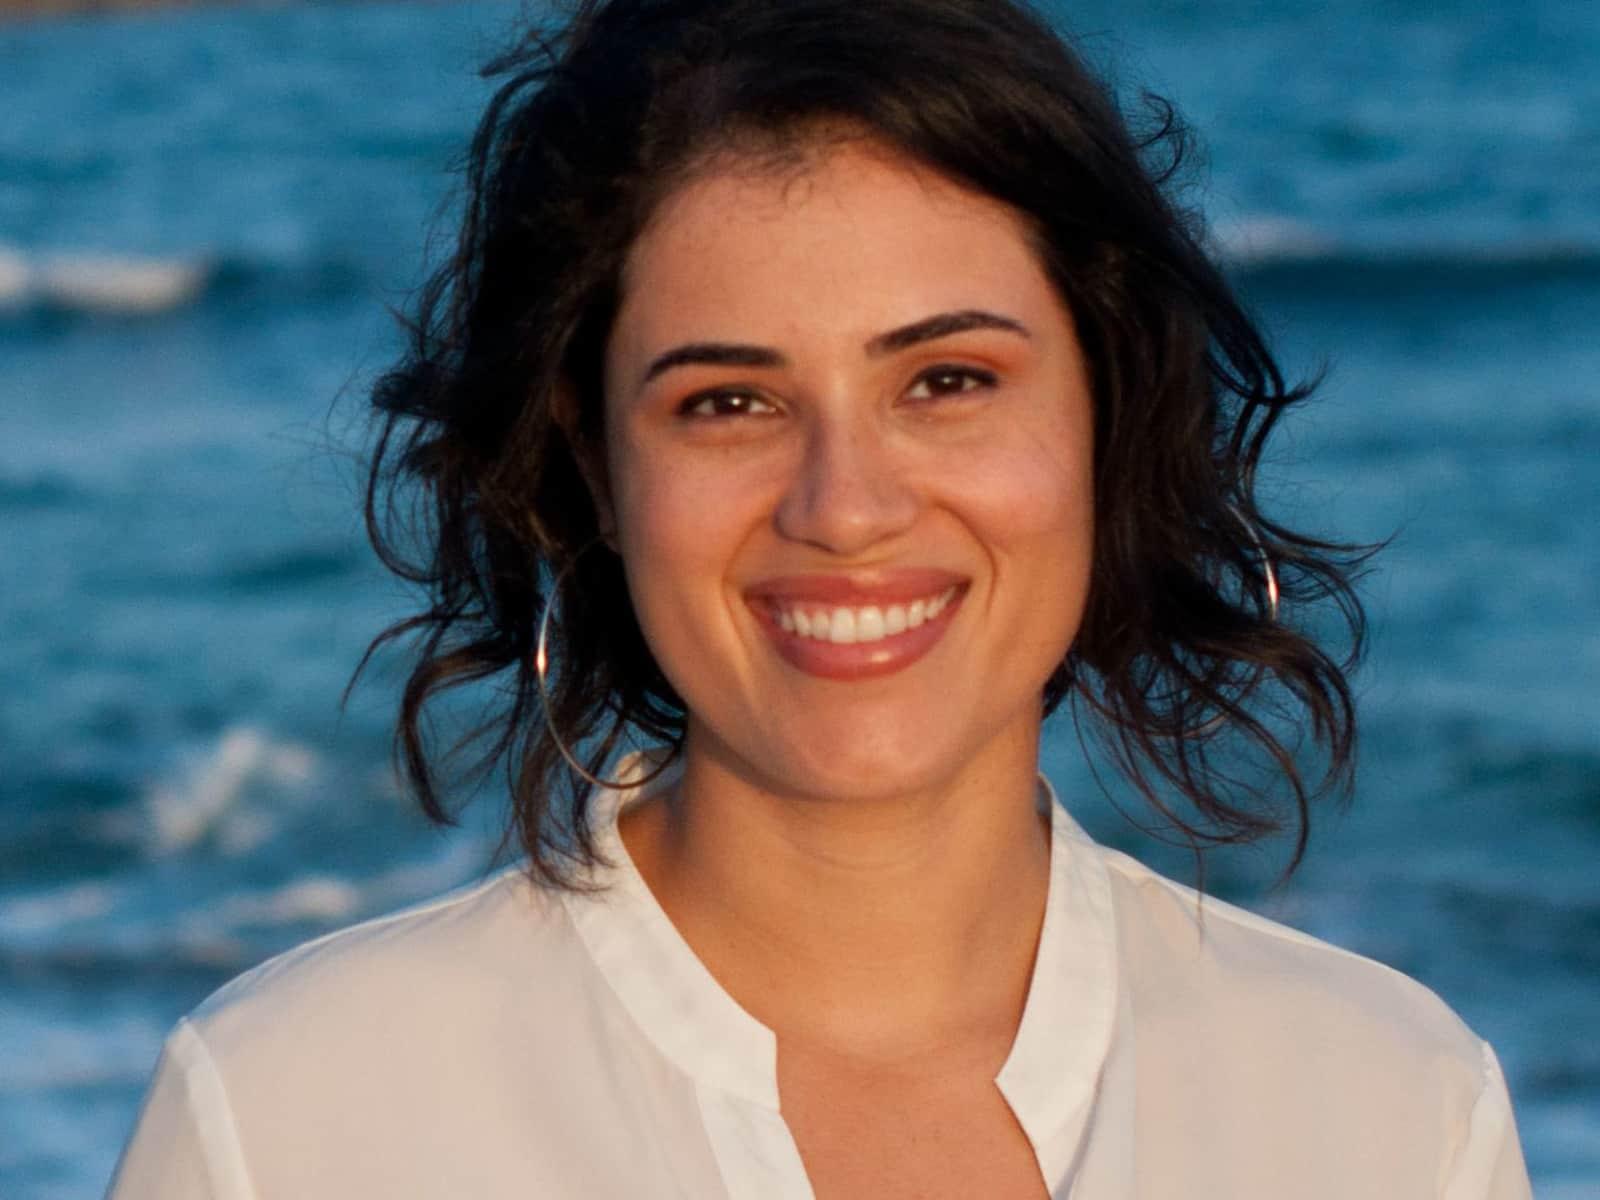 Annika from Bodden Town, Cayman Islands